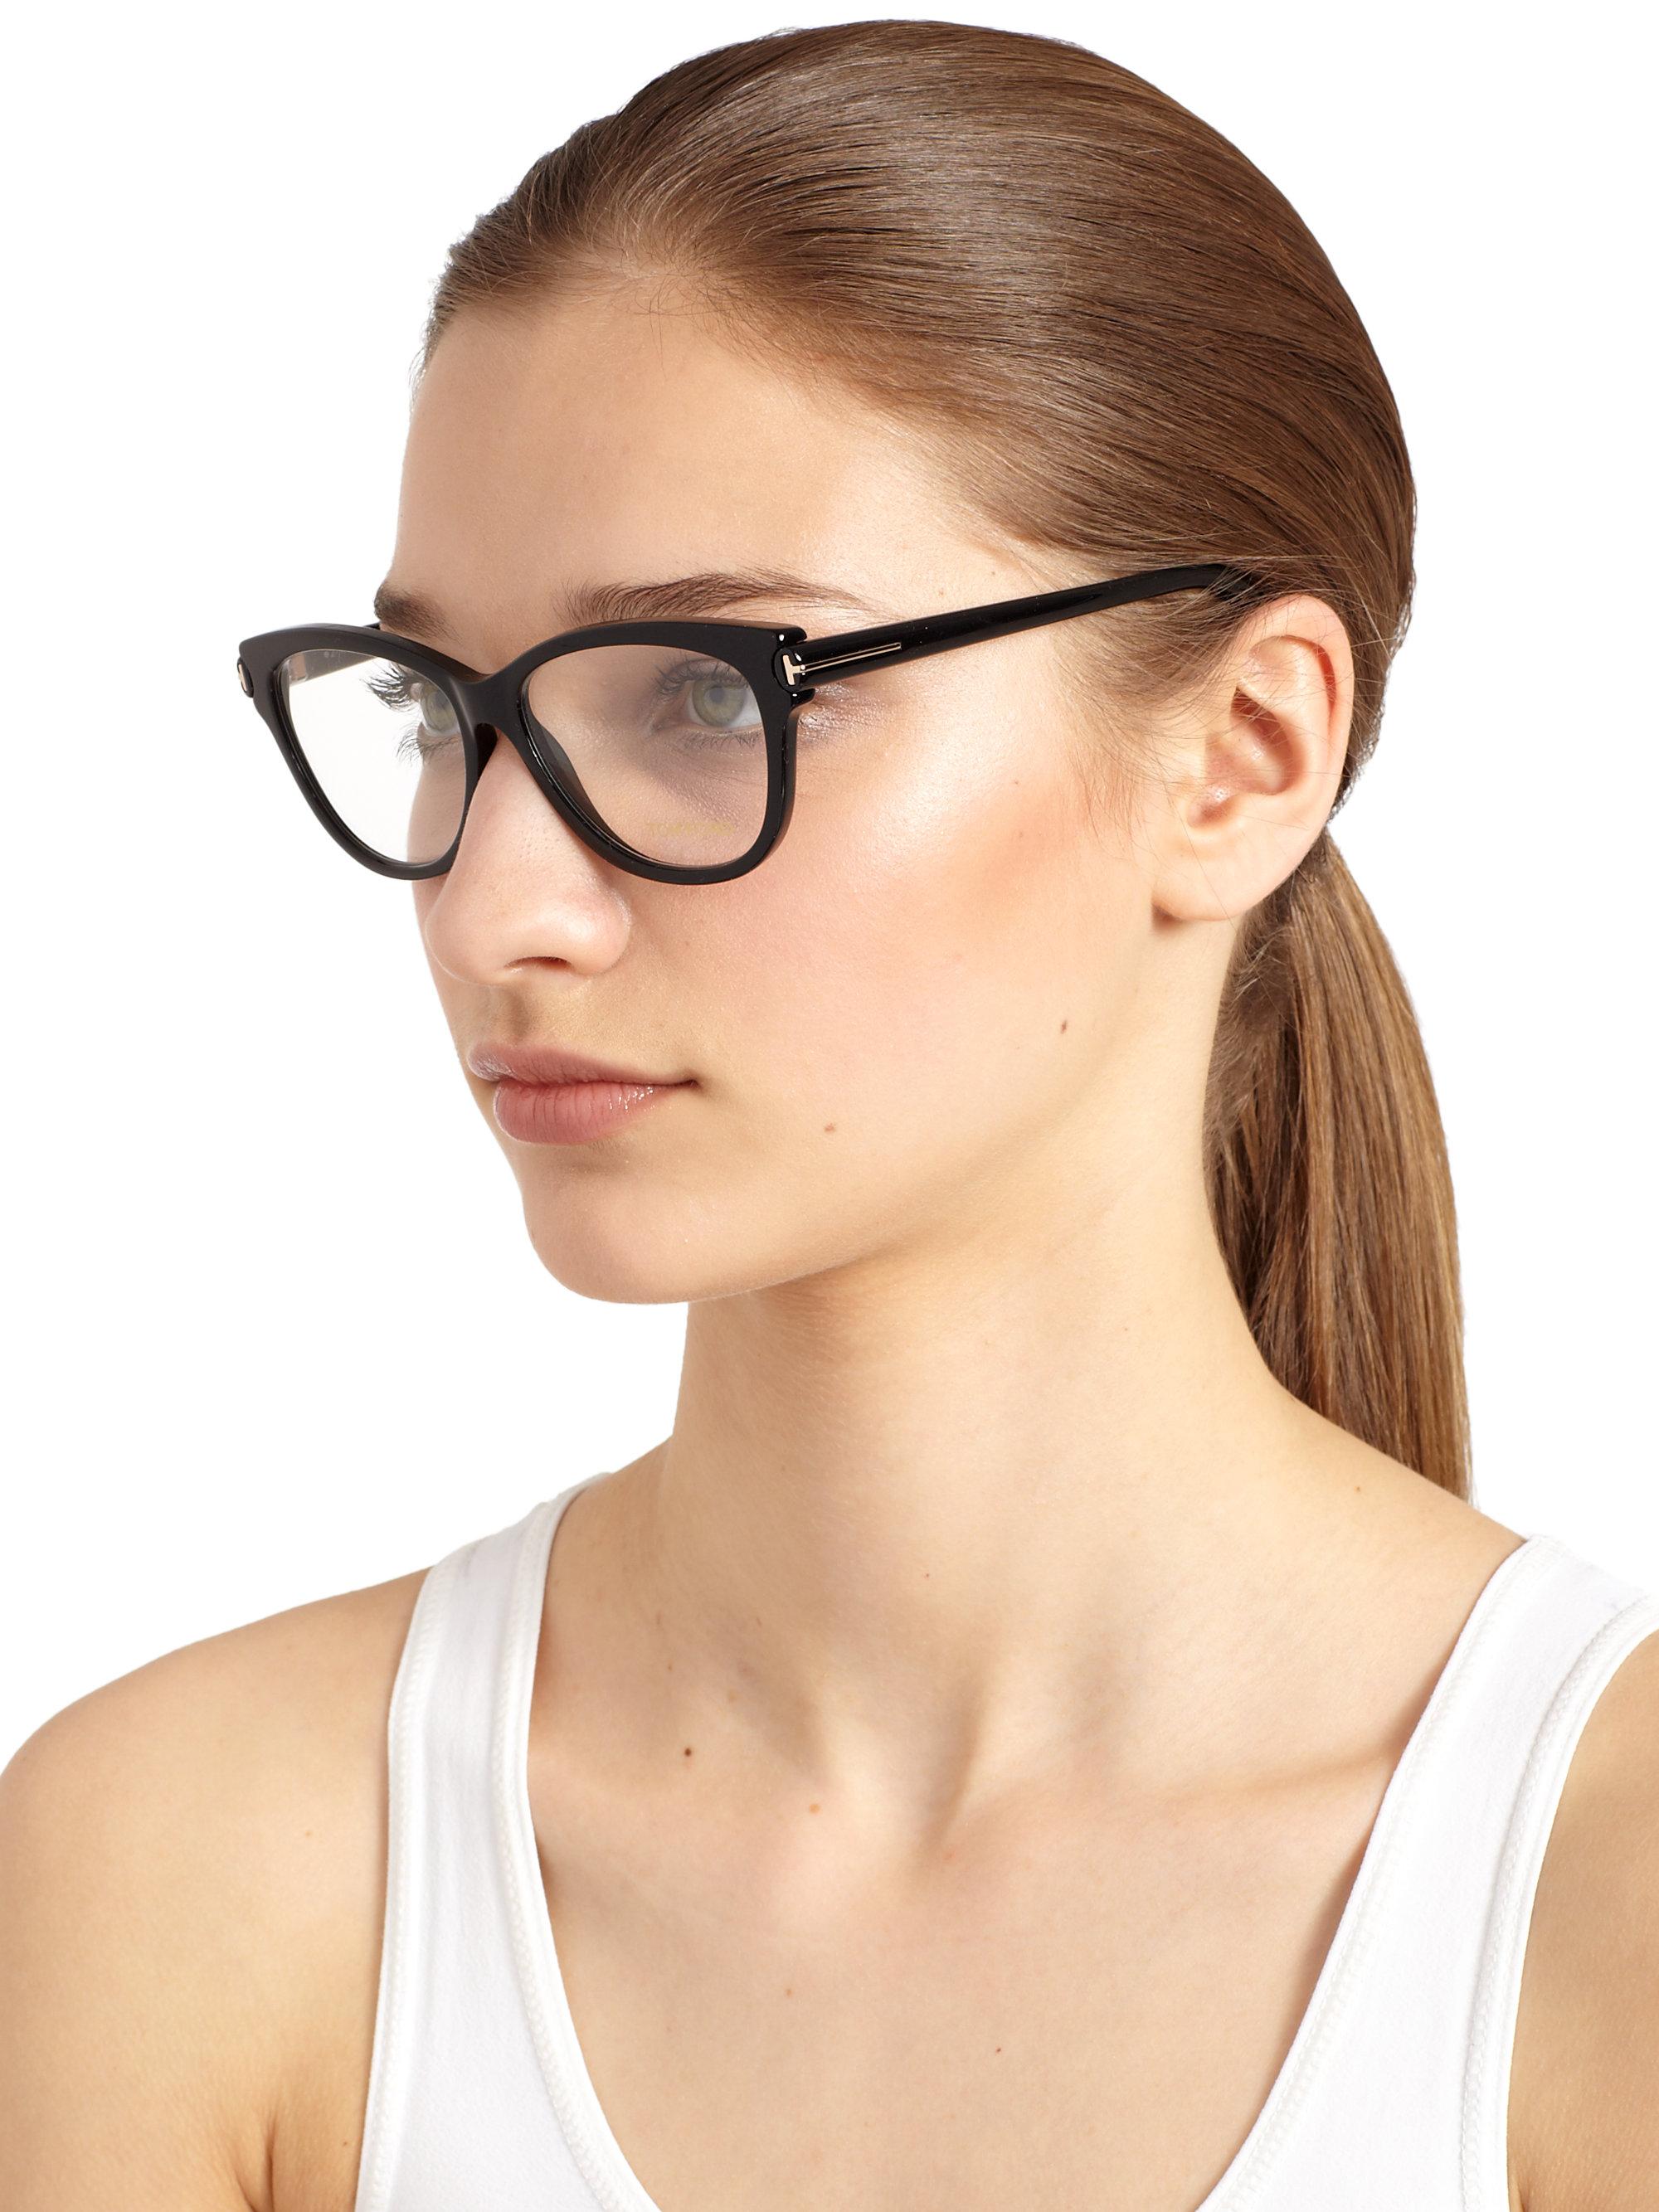 cat glasses sunglasses eye tom women s nordstrom c womens ford